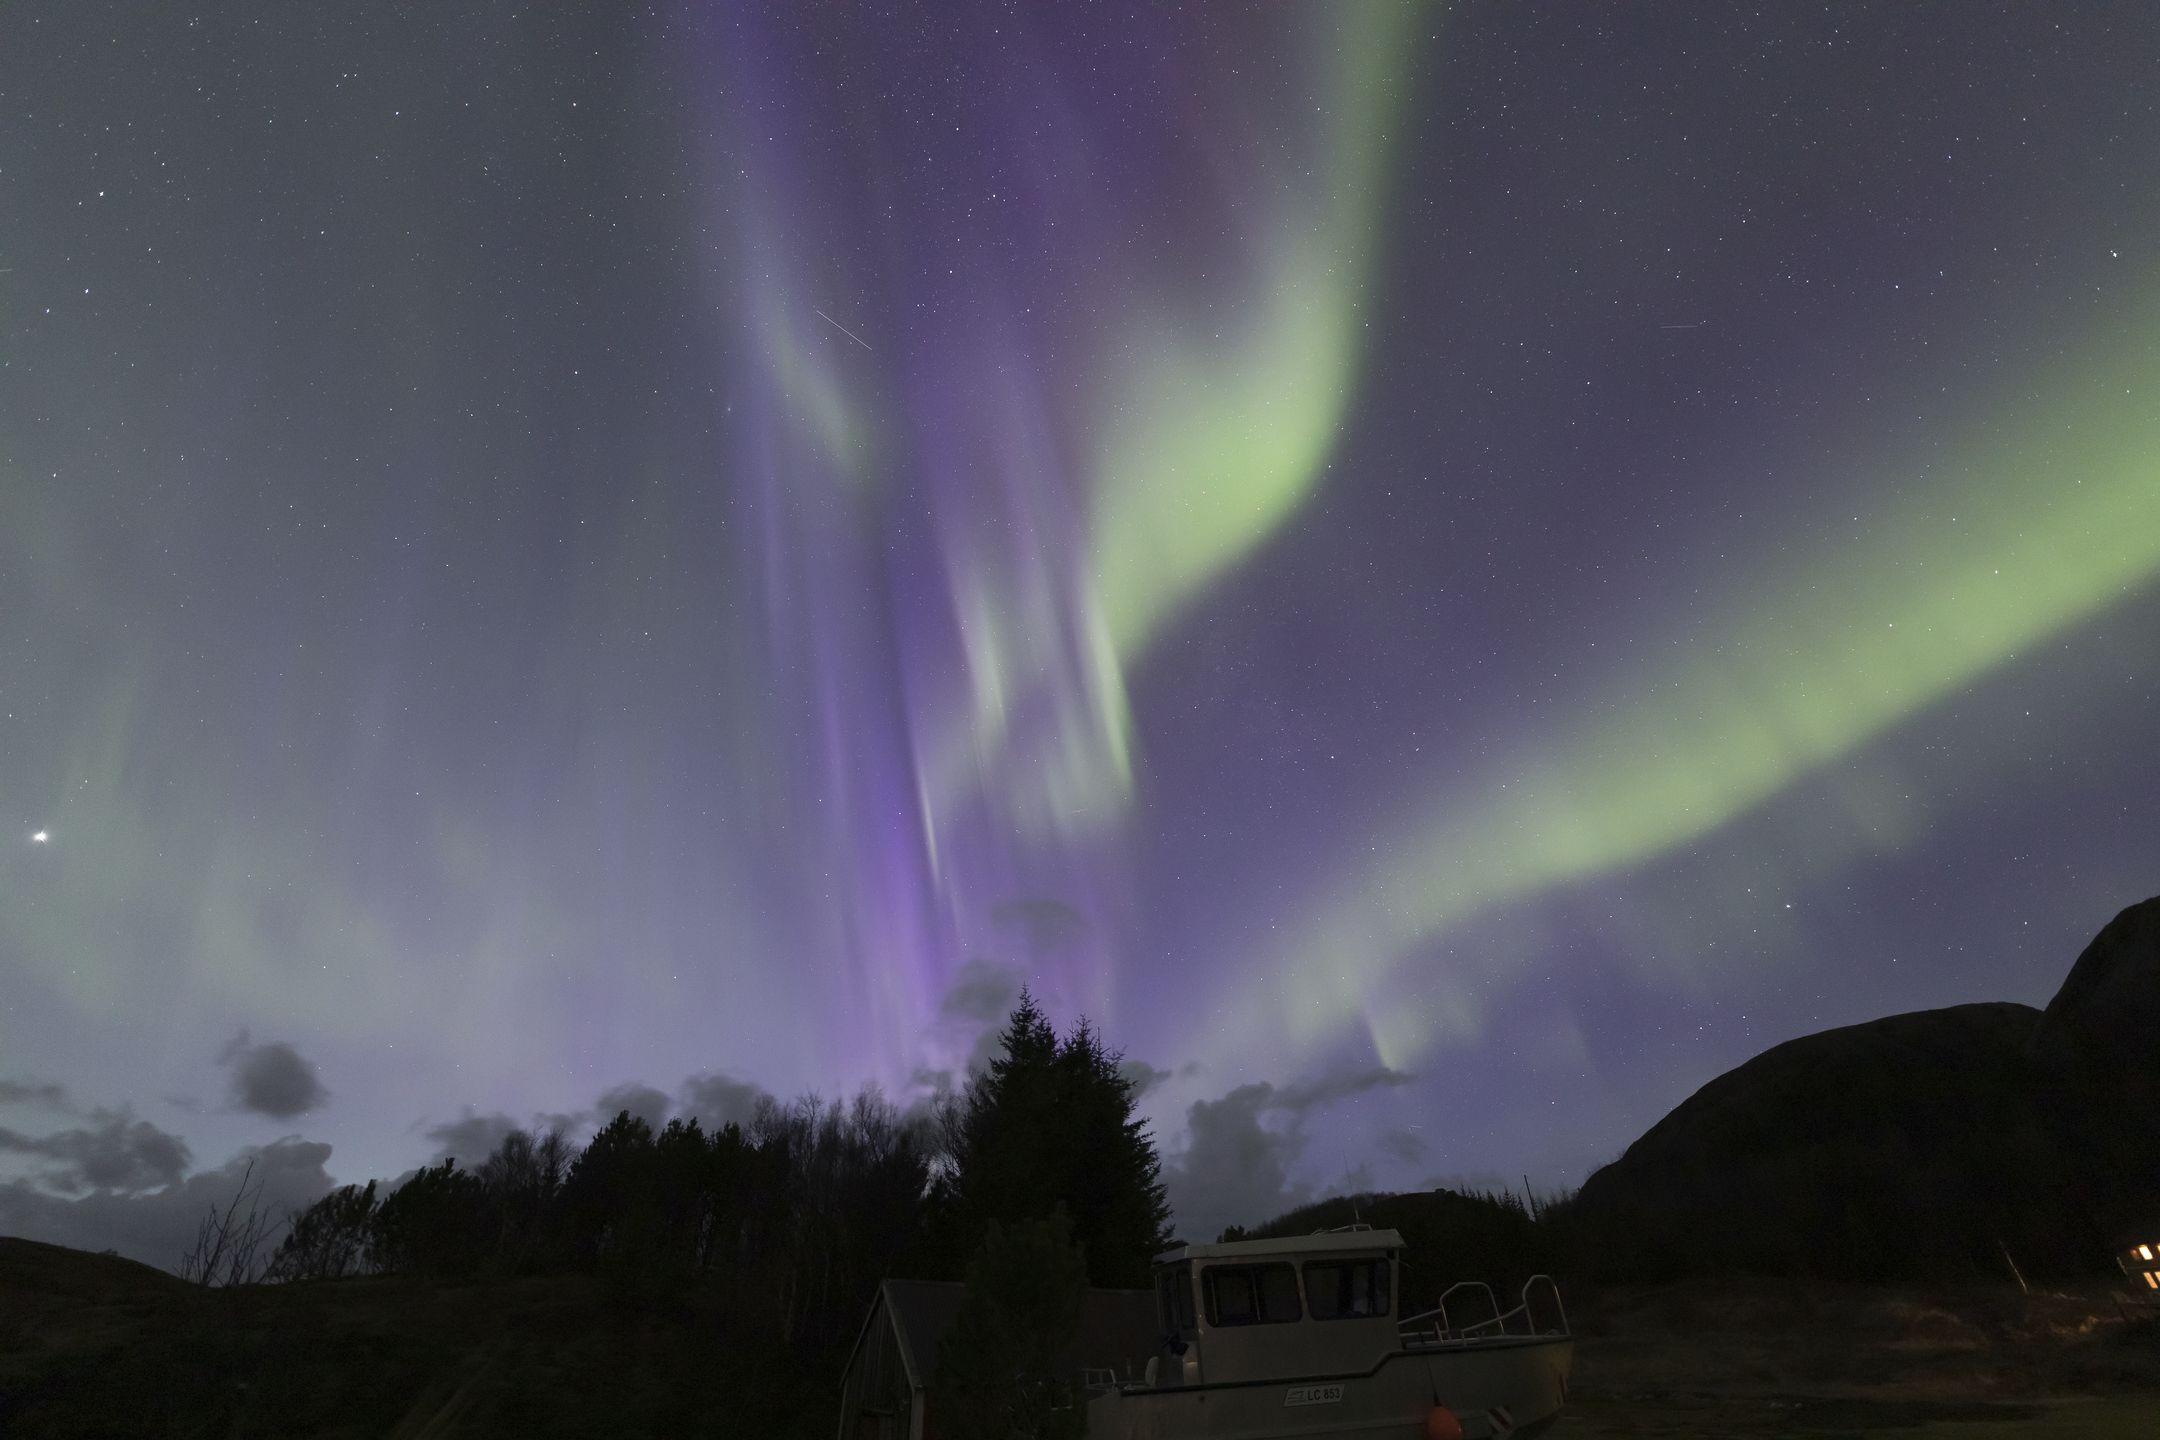 20200218-Norwegen_NL-18-58-37-001